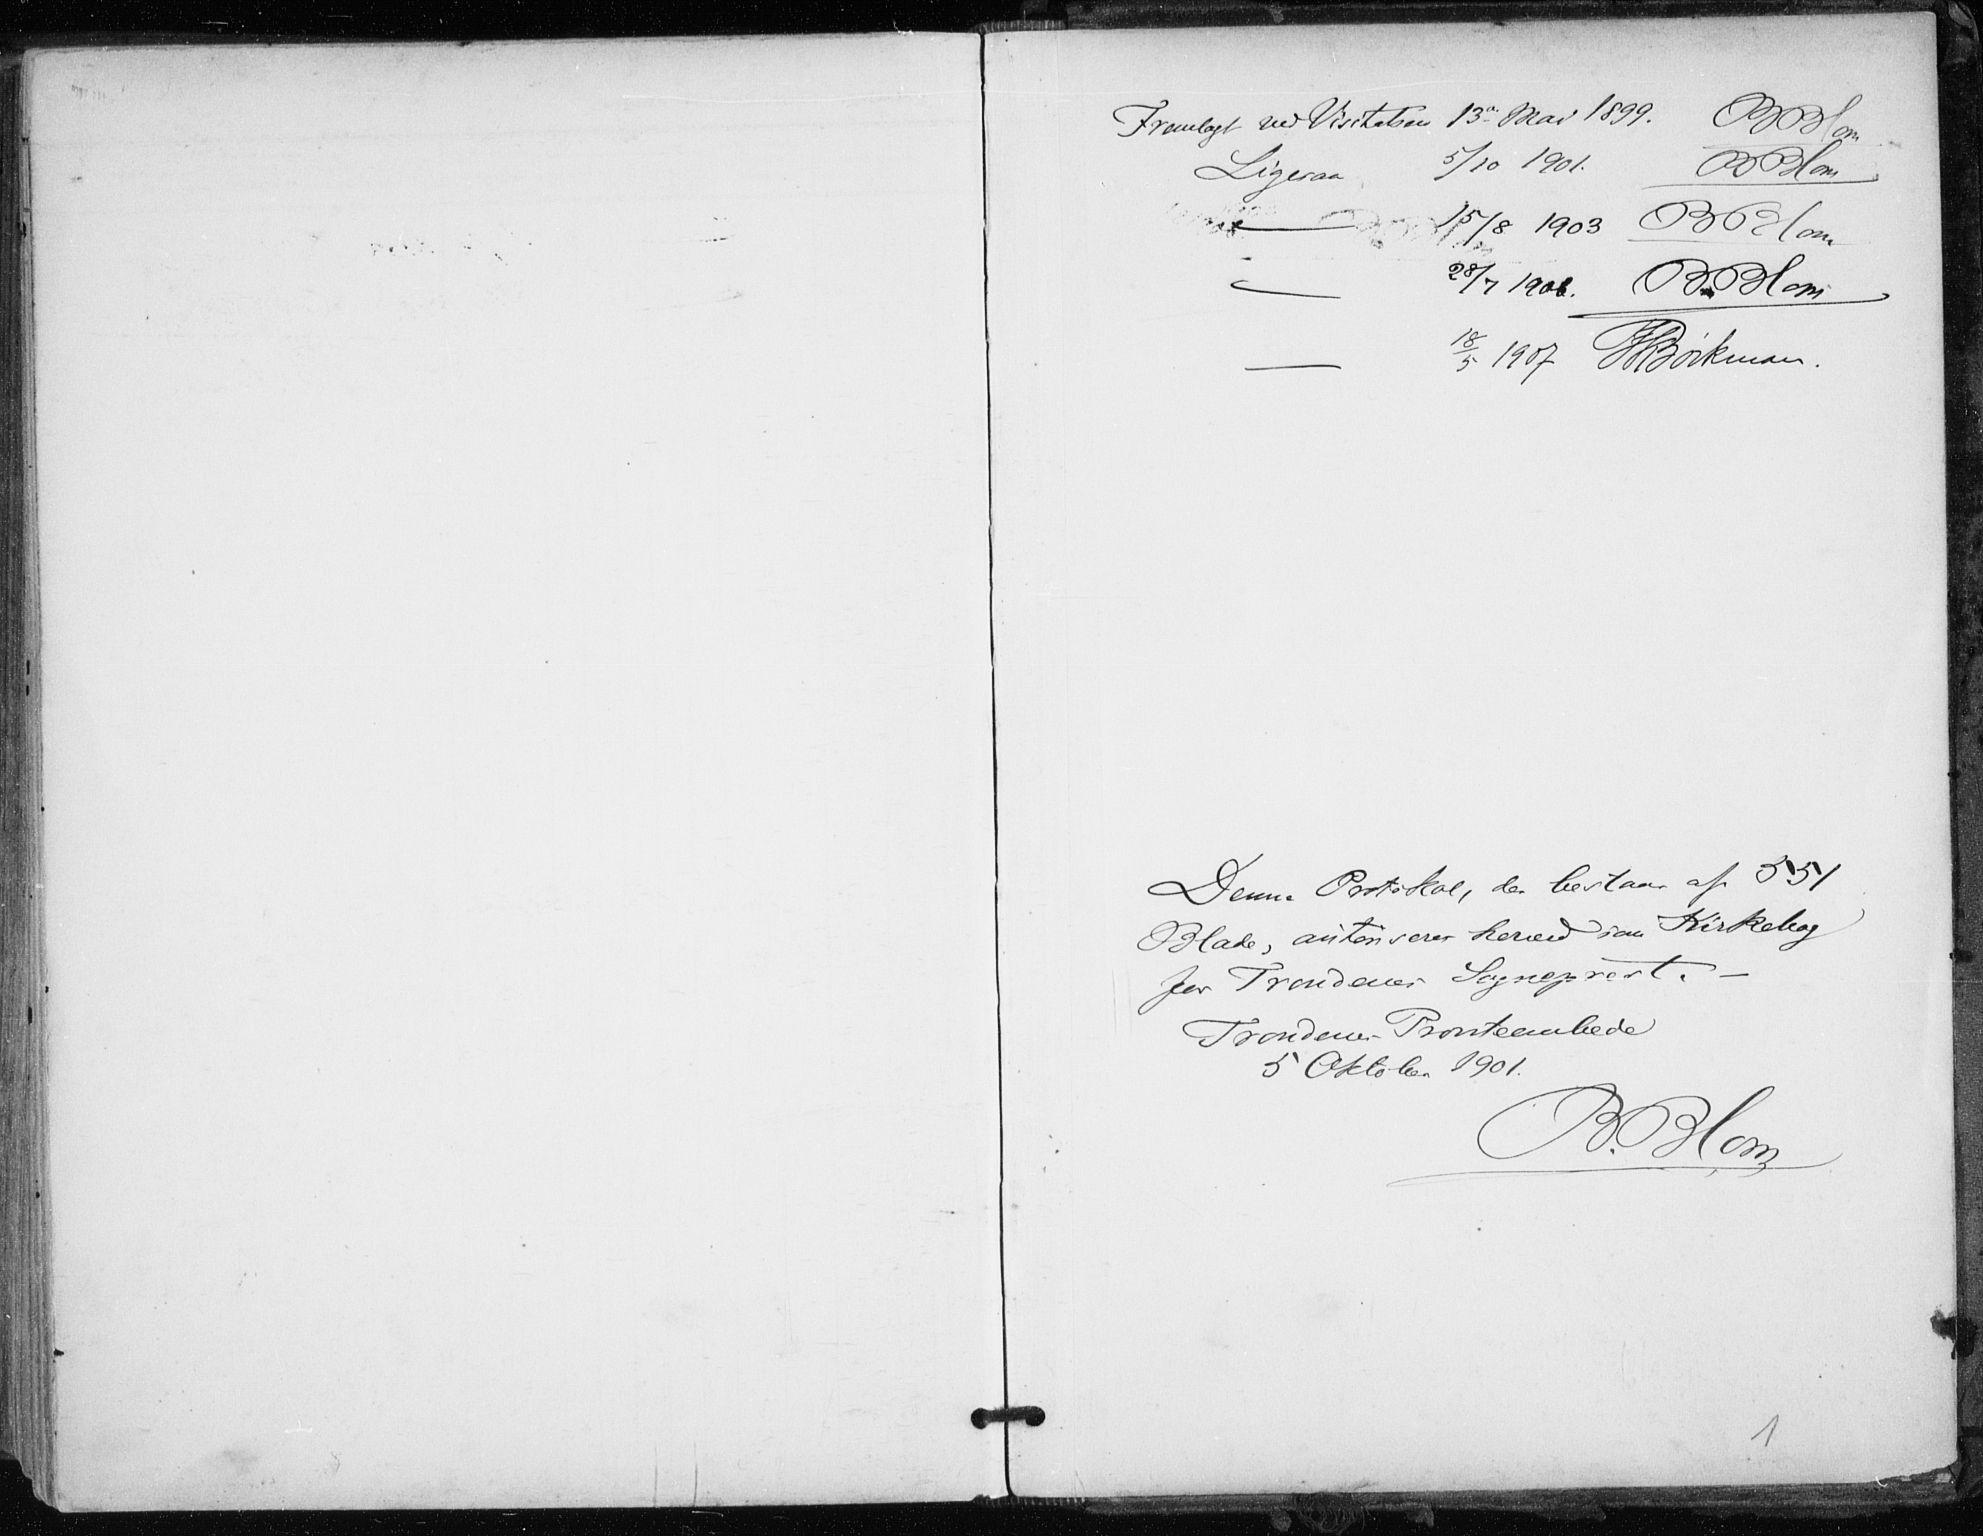 SATØ, Trondenes sokneprestkontor, H/Ha/L0017kirke: Ministerialbok nr. 17, 1899-1908